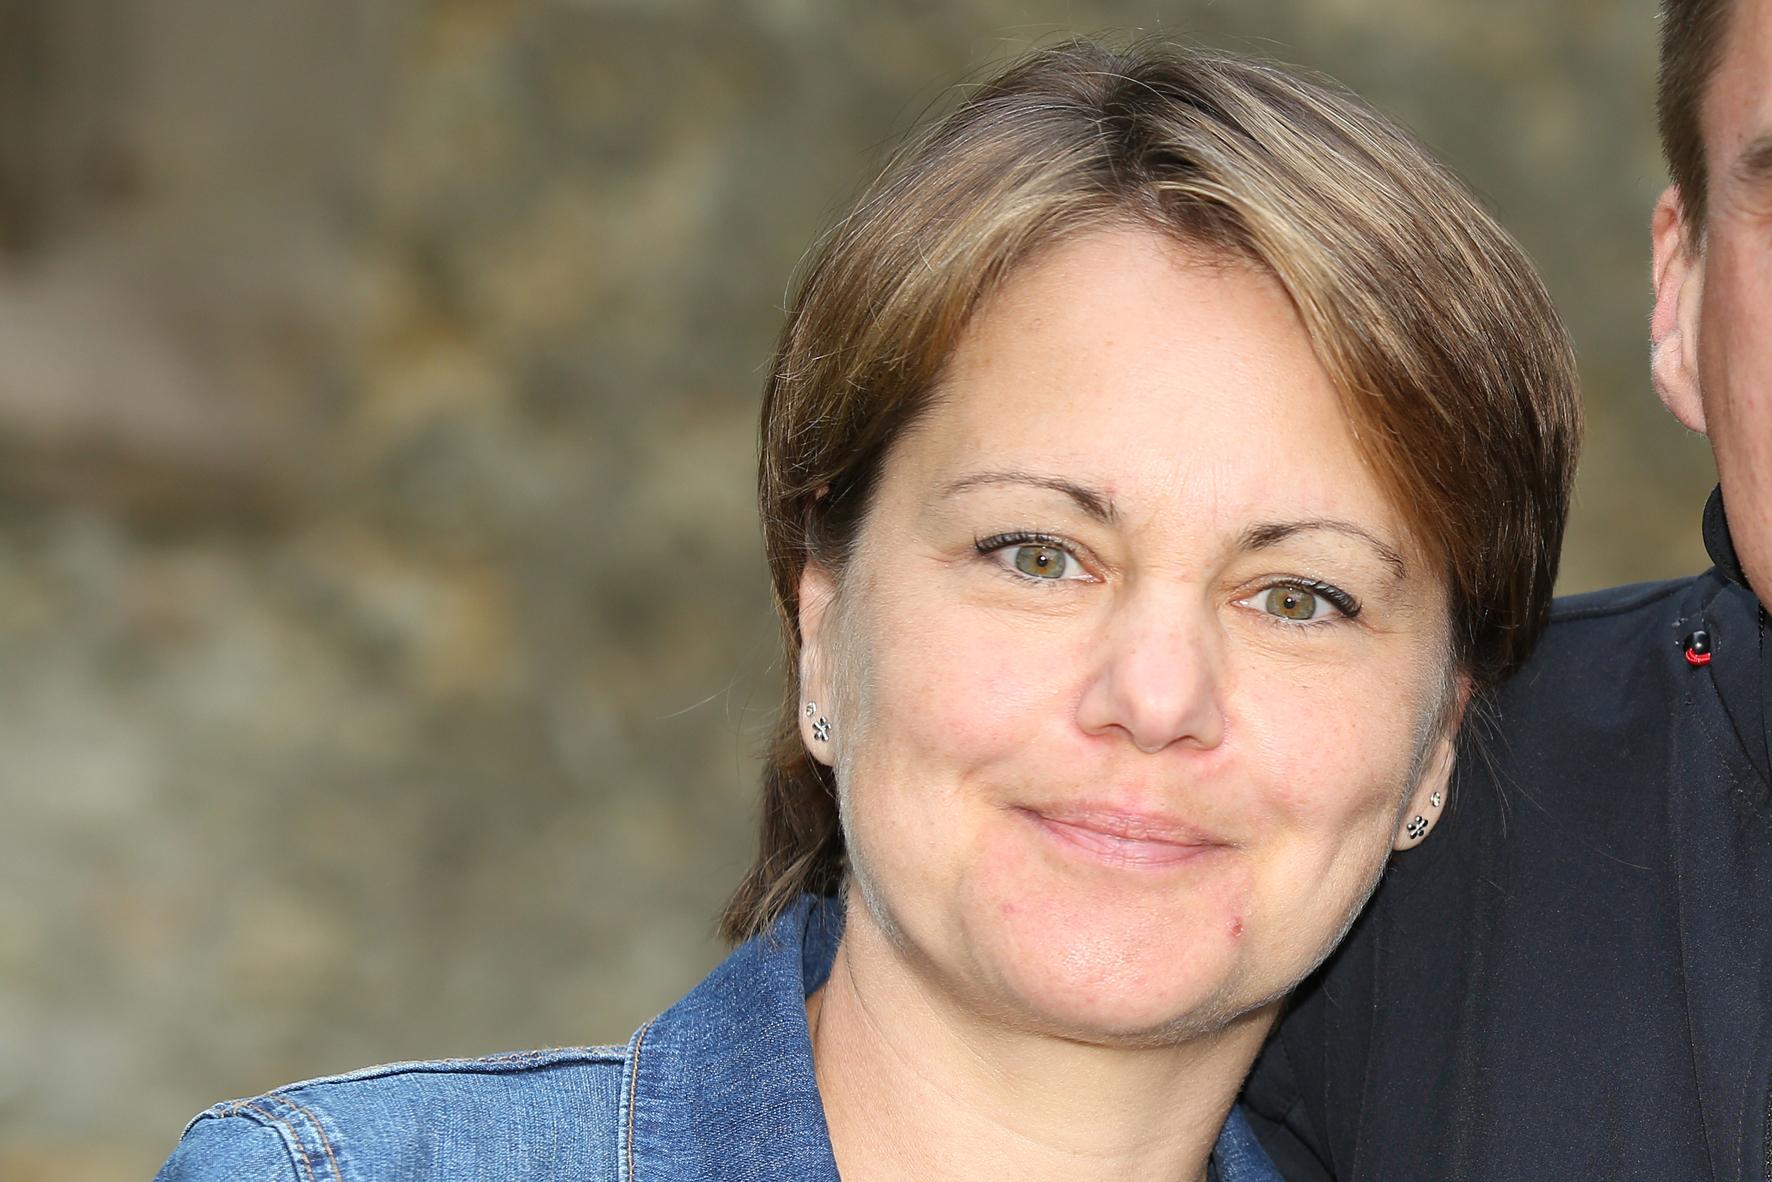 Steffi Schnell